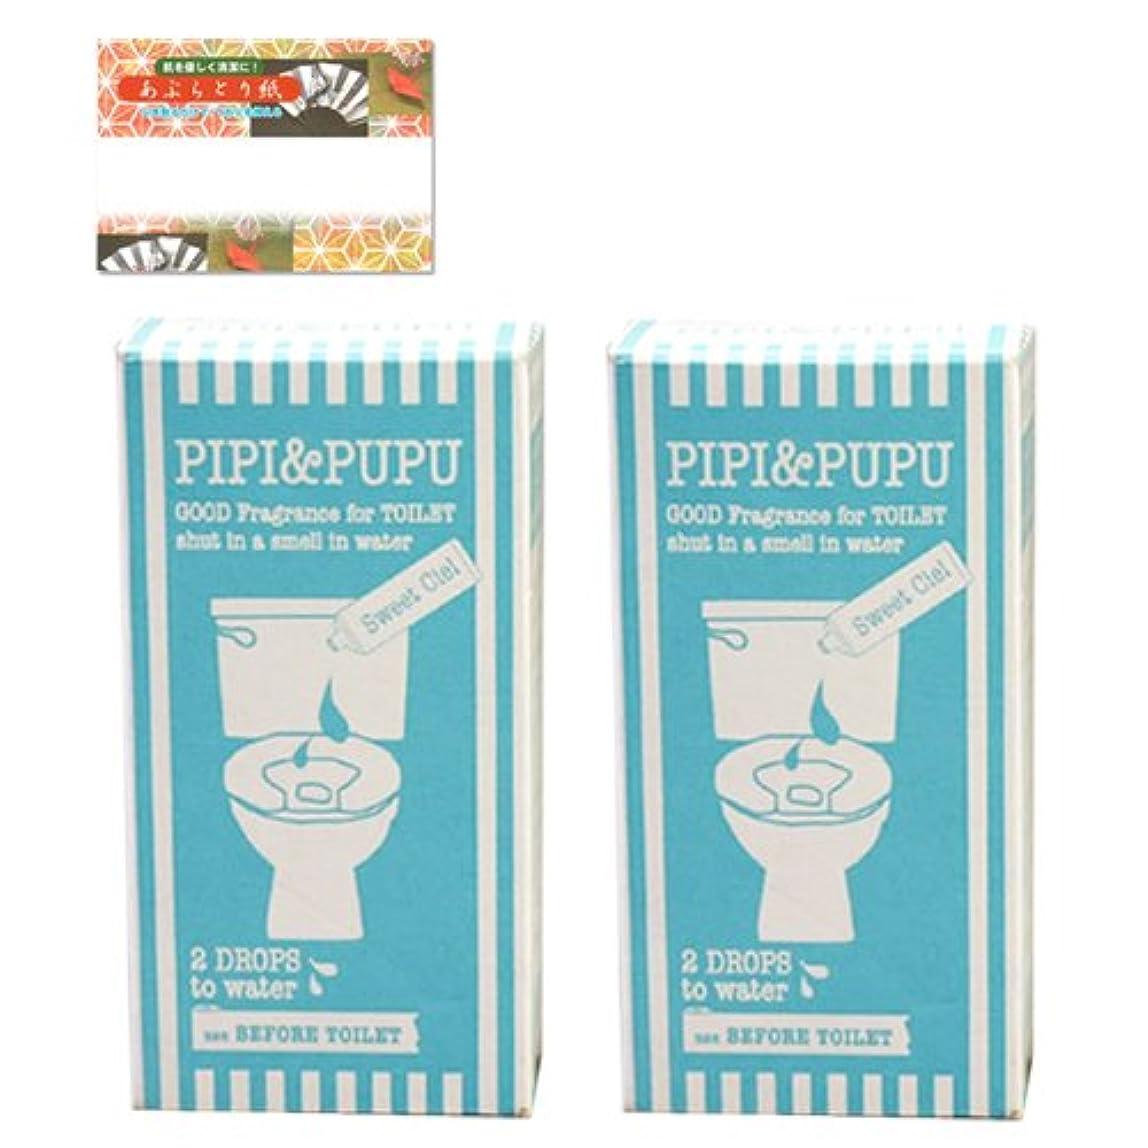 落とし穴時間厳守王族トイレ用携帯消臭剤 ピピ&ププ (PIPI&PUPU) 15ml × 2個 + 高級あぶらとり紙セット